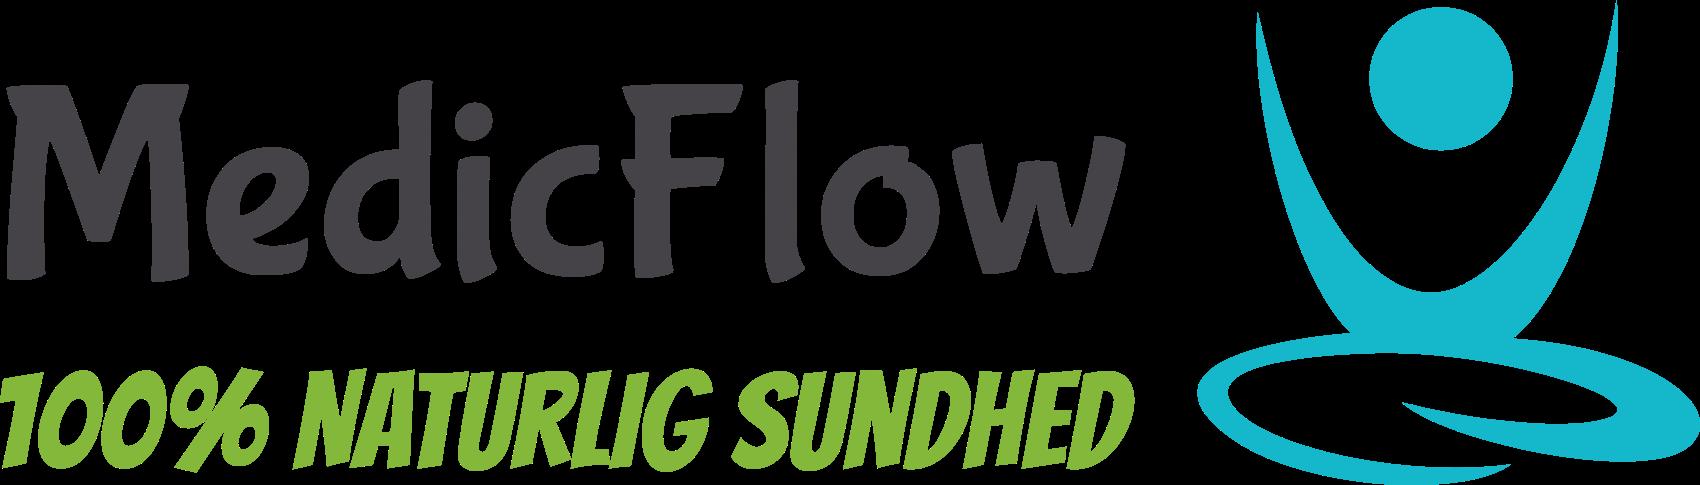 MedicFlow SMS til 22 17 04 70 Logo